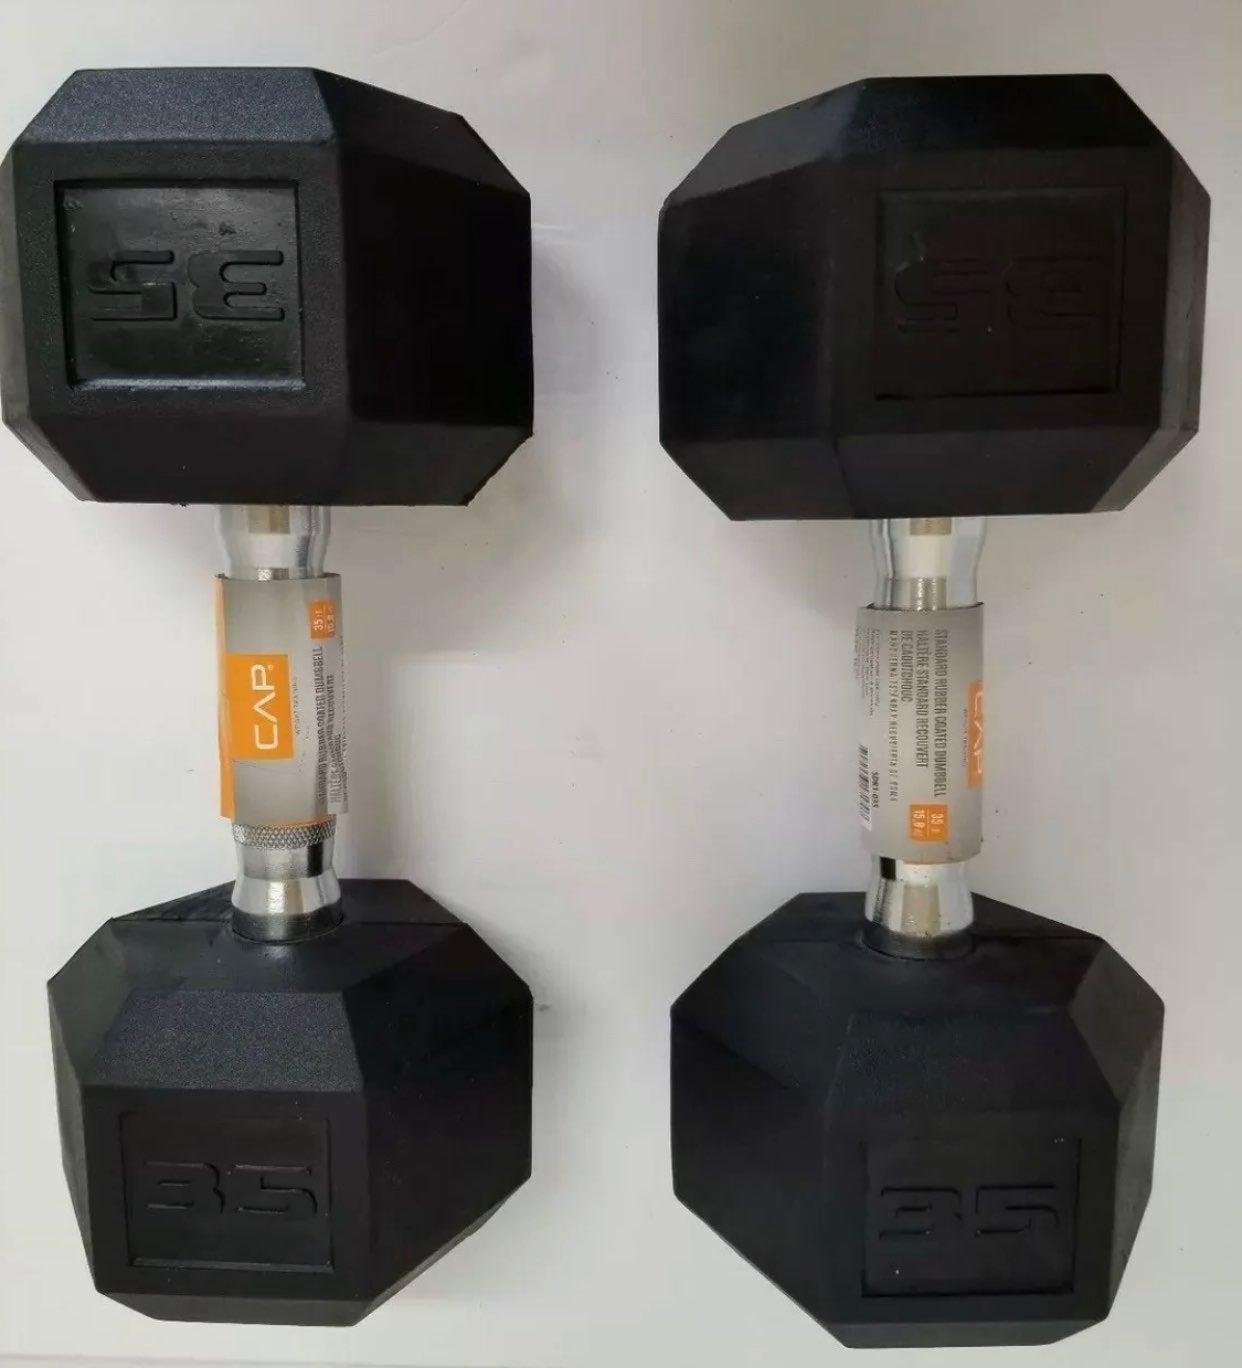 New Set of 2 CAP 35lb dumbbells - 1 Pair